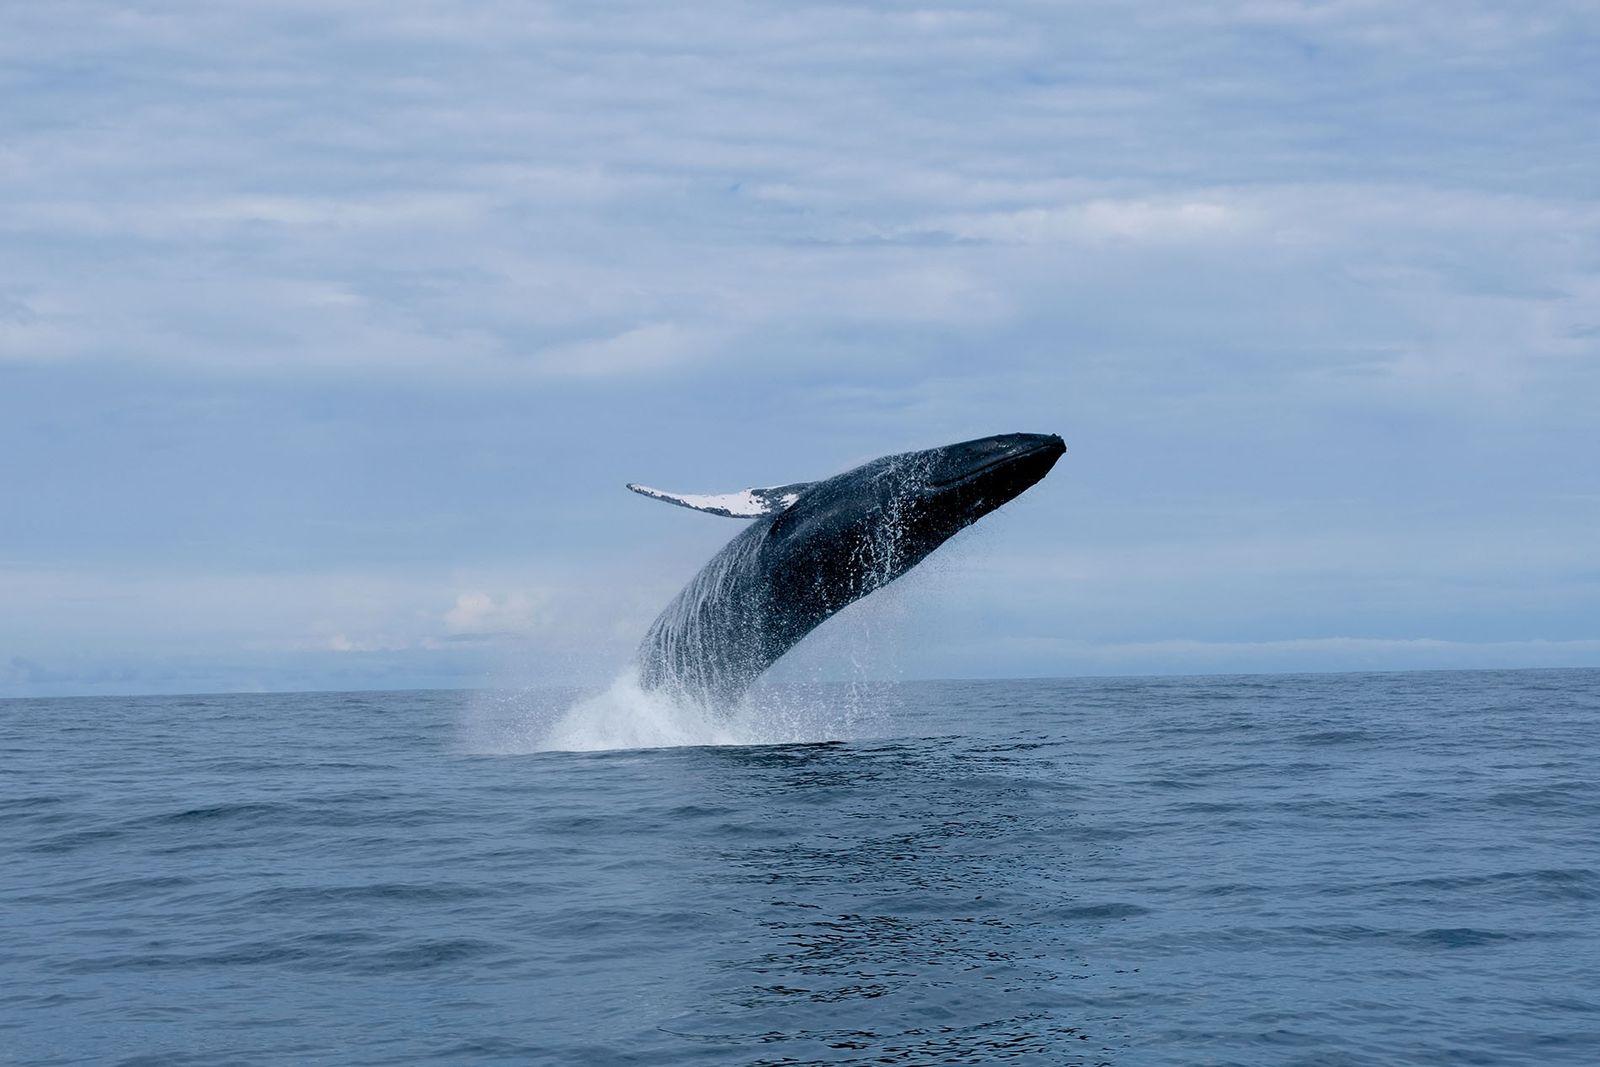 A humpback whale breaches near El Almejal beach